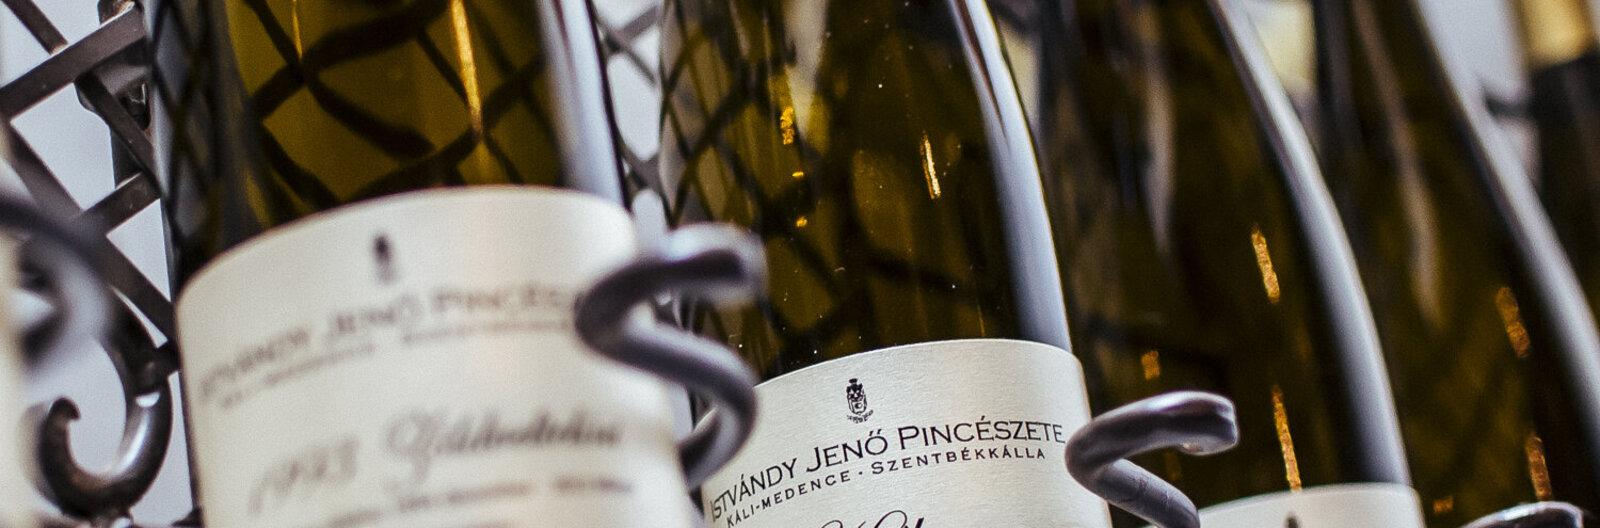 10+1 nyárindító bor a Balaton északi partjáról